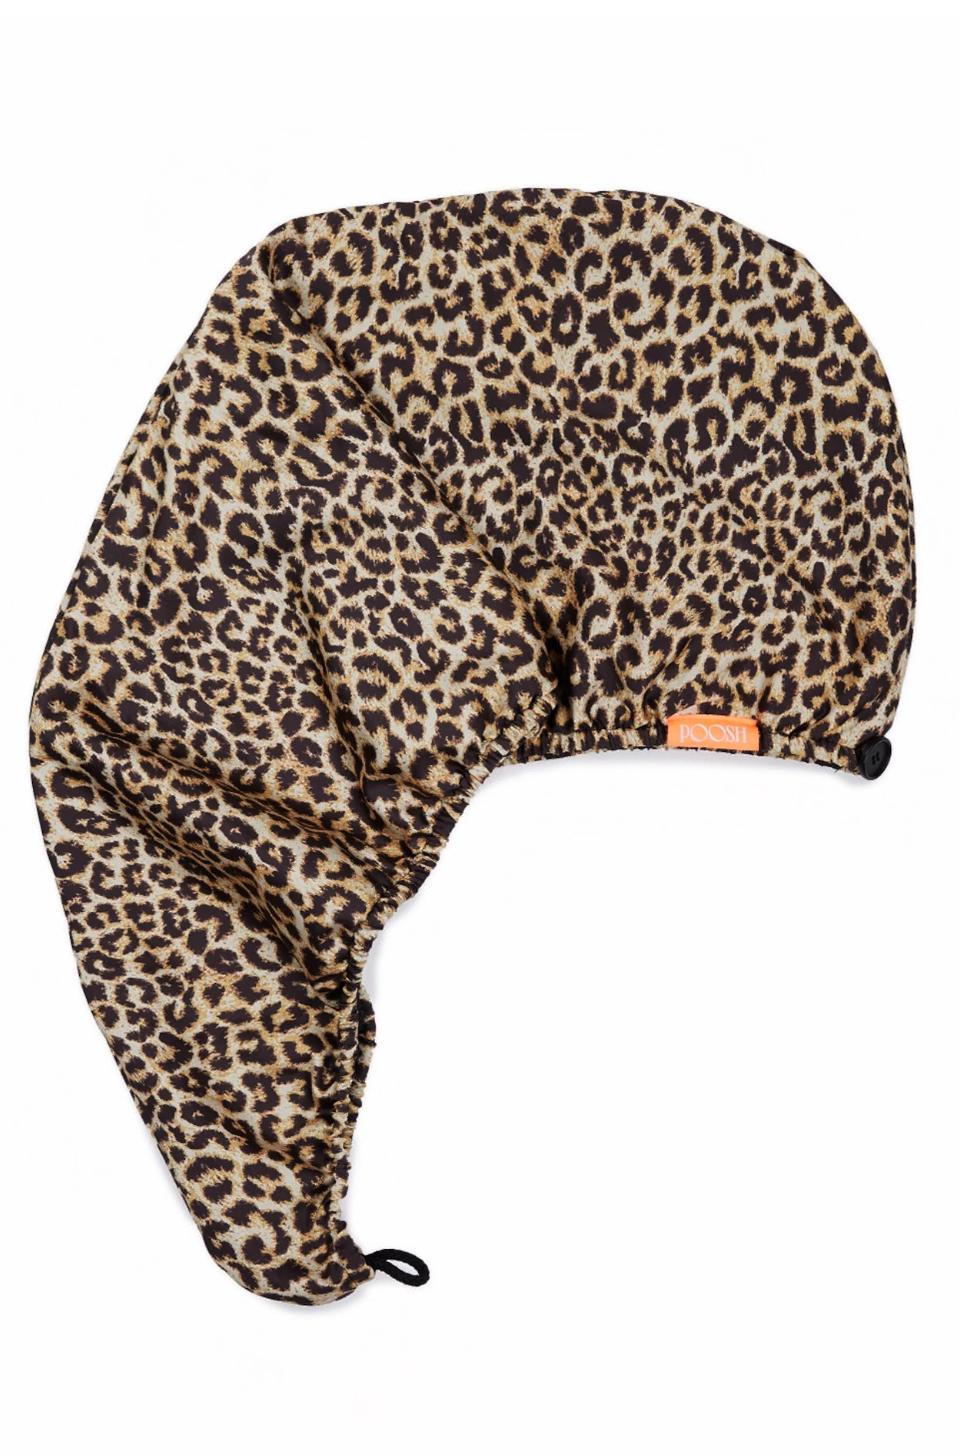 Aquis x Poosh Rapid Dry Leopard Hair Turban